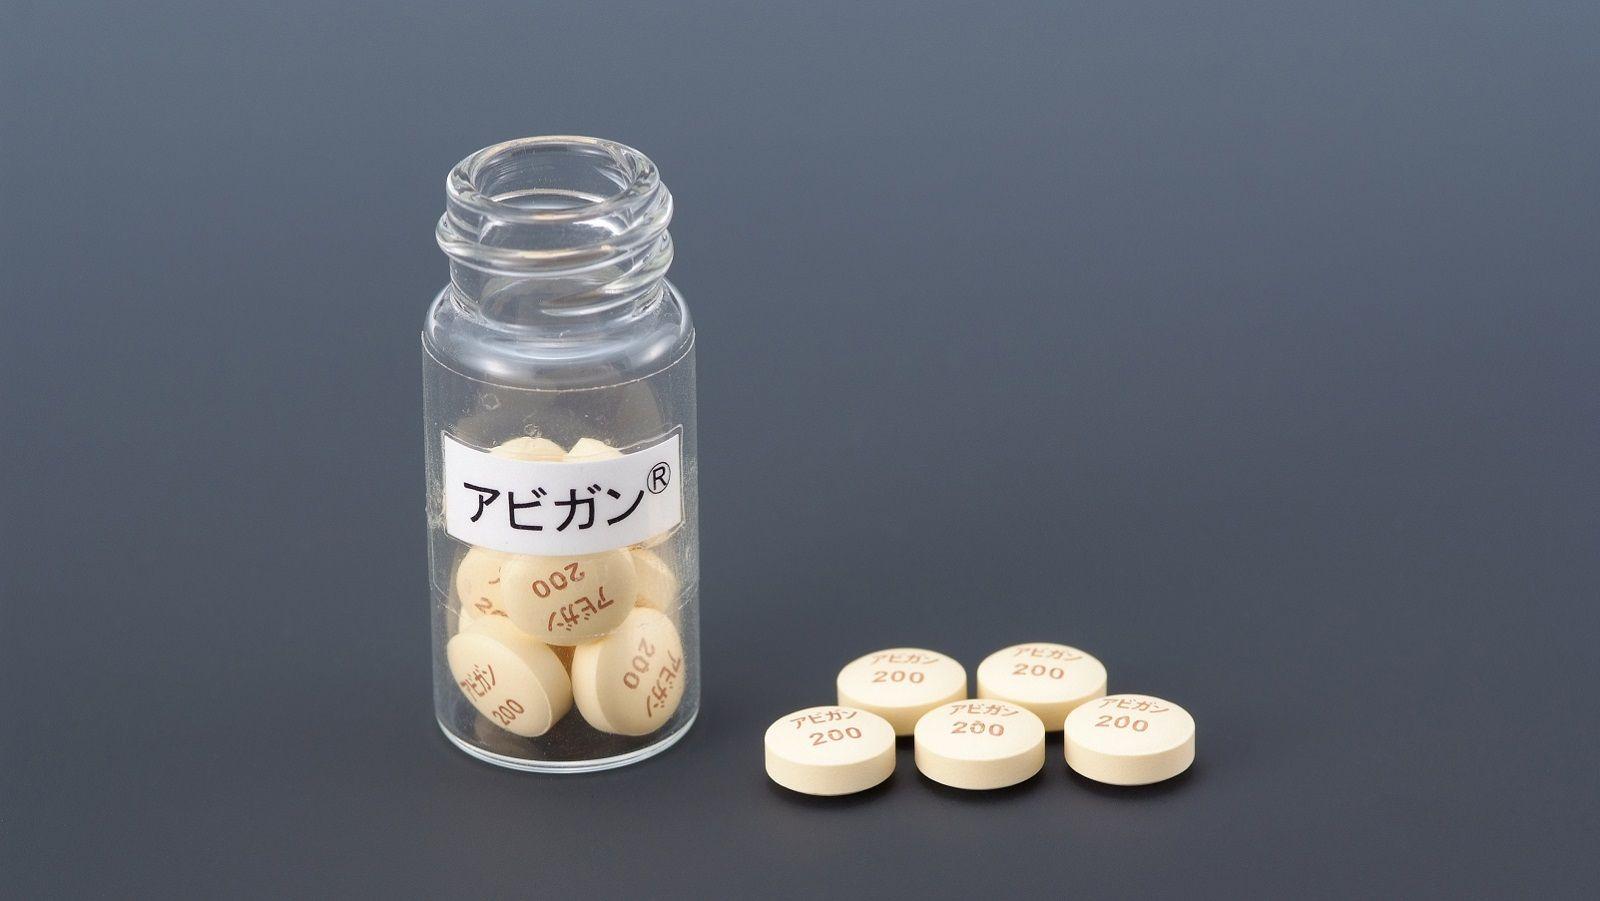 コロナ エイズ 治療 薬